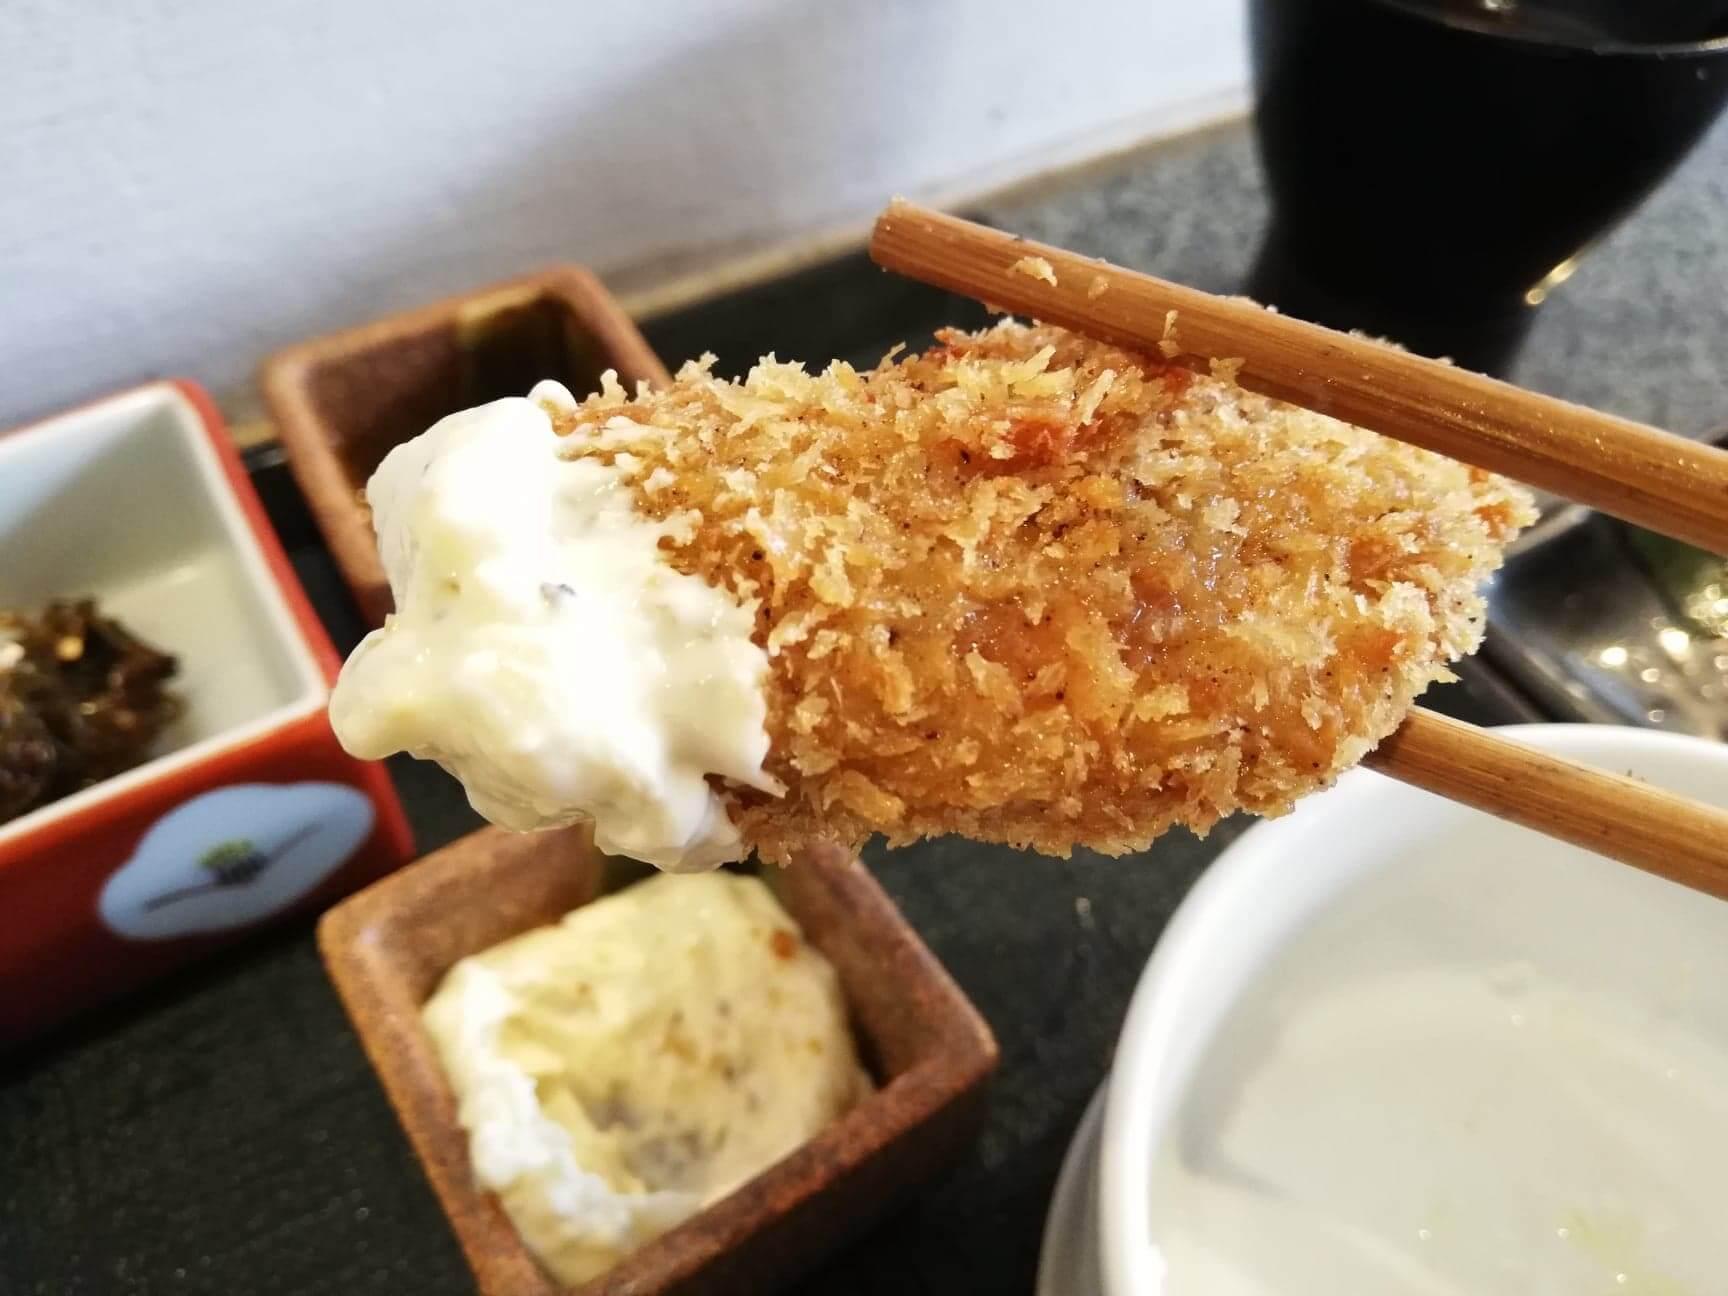 広島県宮島『牡蠣屋』の牡蠣フライにソースをつけている写真